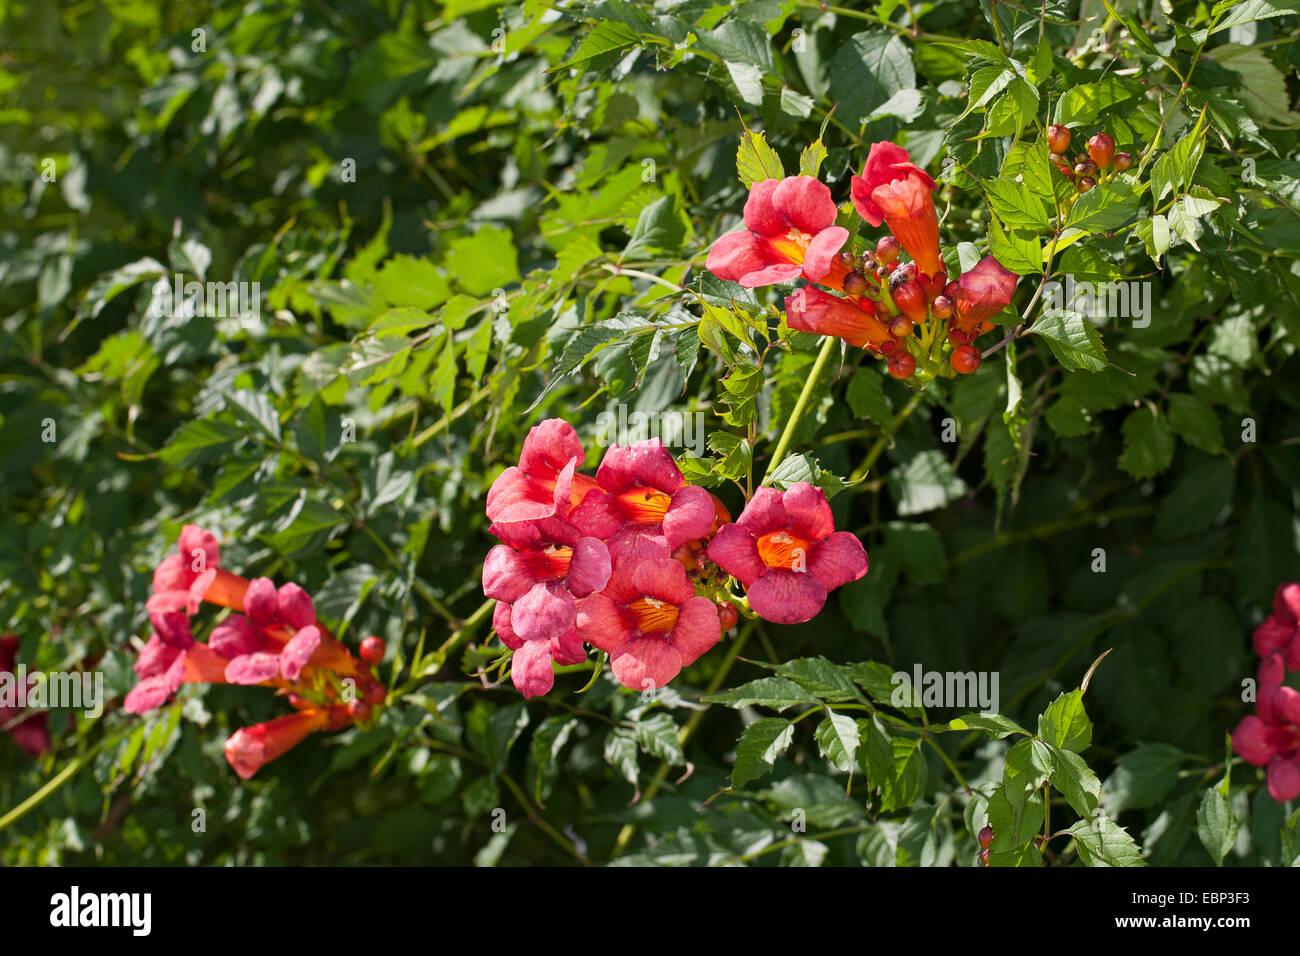 Trumpet creeper, Trumpet vine (Campsis radicans, Bignonia radicans, Tecoma radicans), flowering - Stock Image